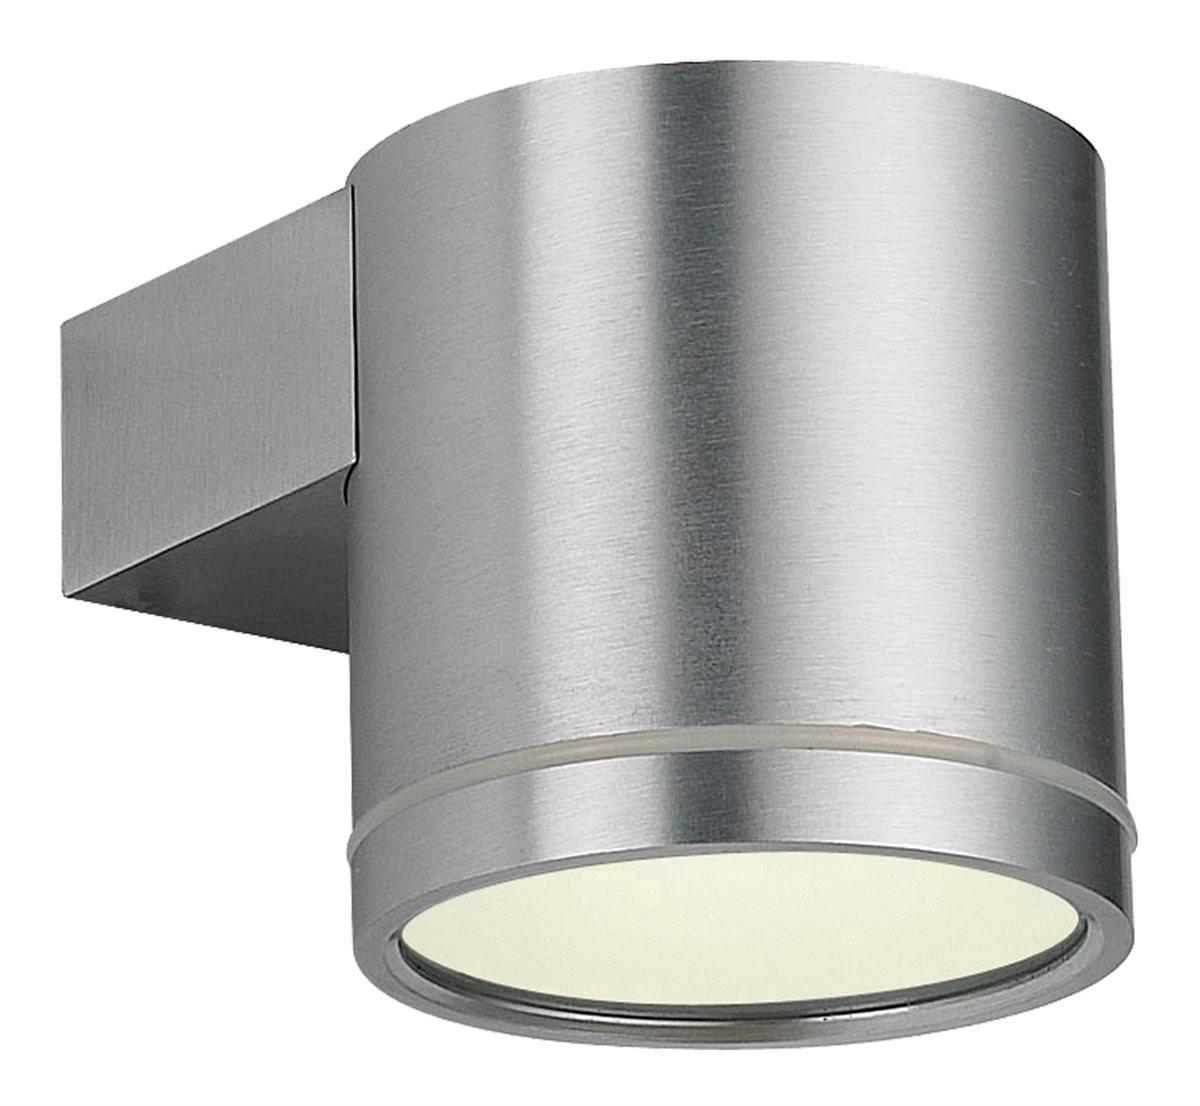 led au en up down light wand lampe leuchte karim silber 8. Black Bedroom Furniture Sets. Home Design Ideas